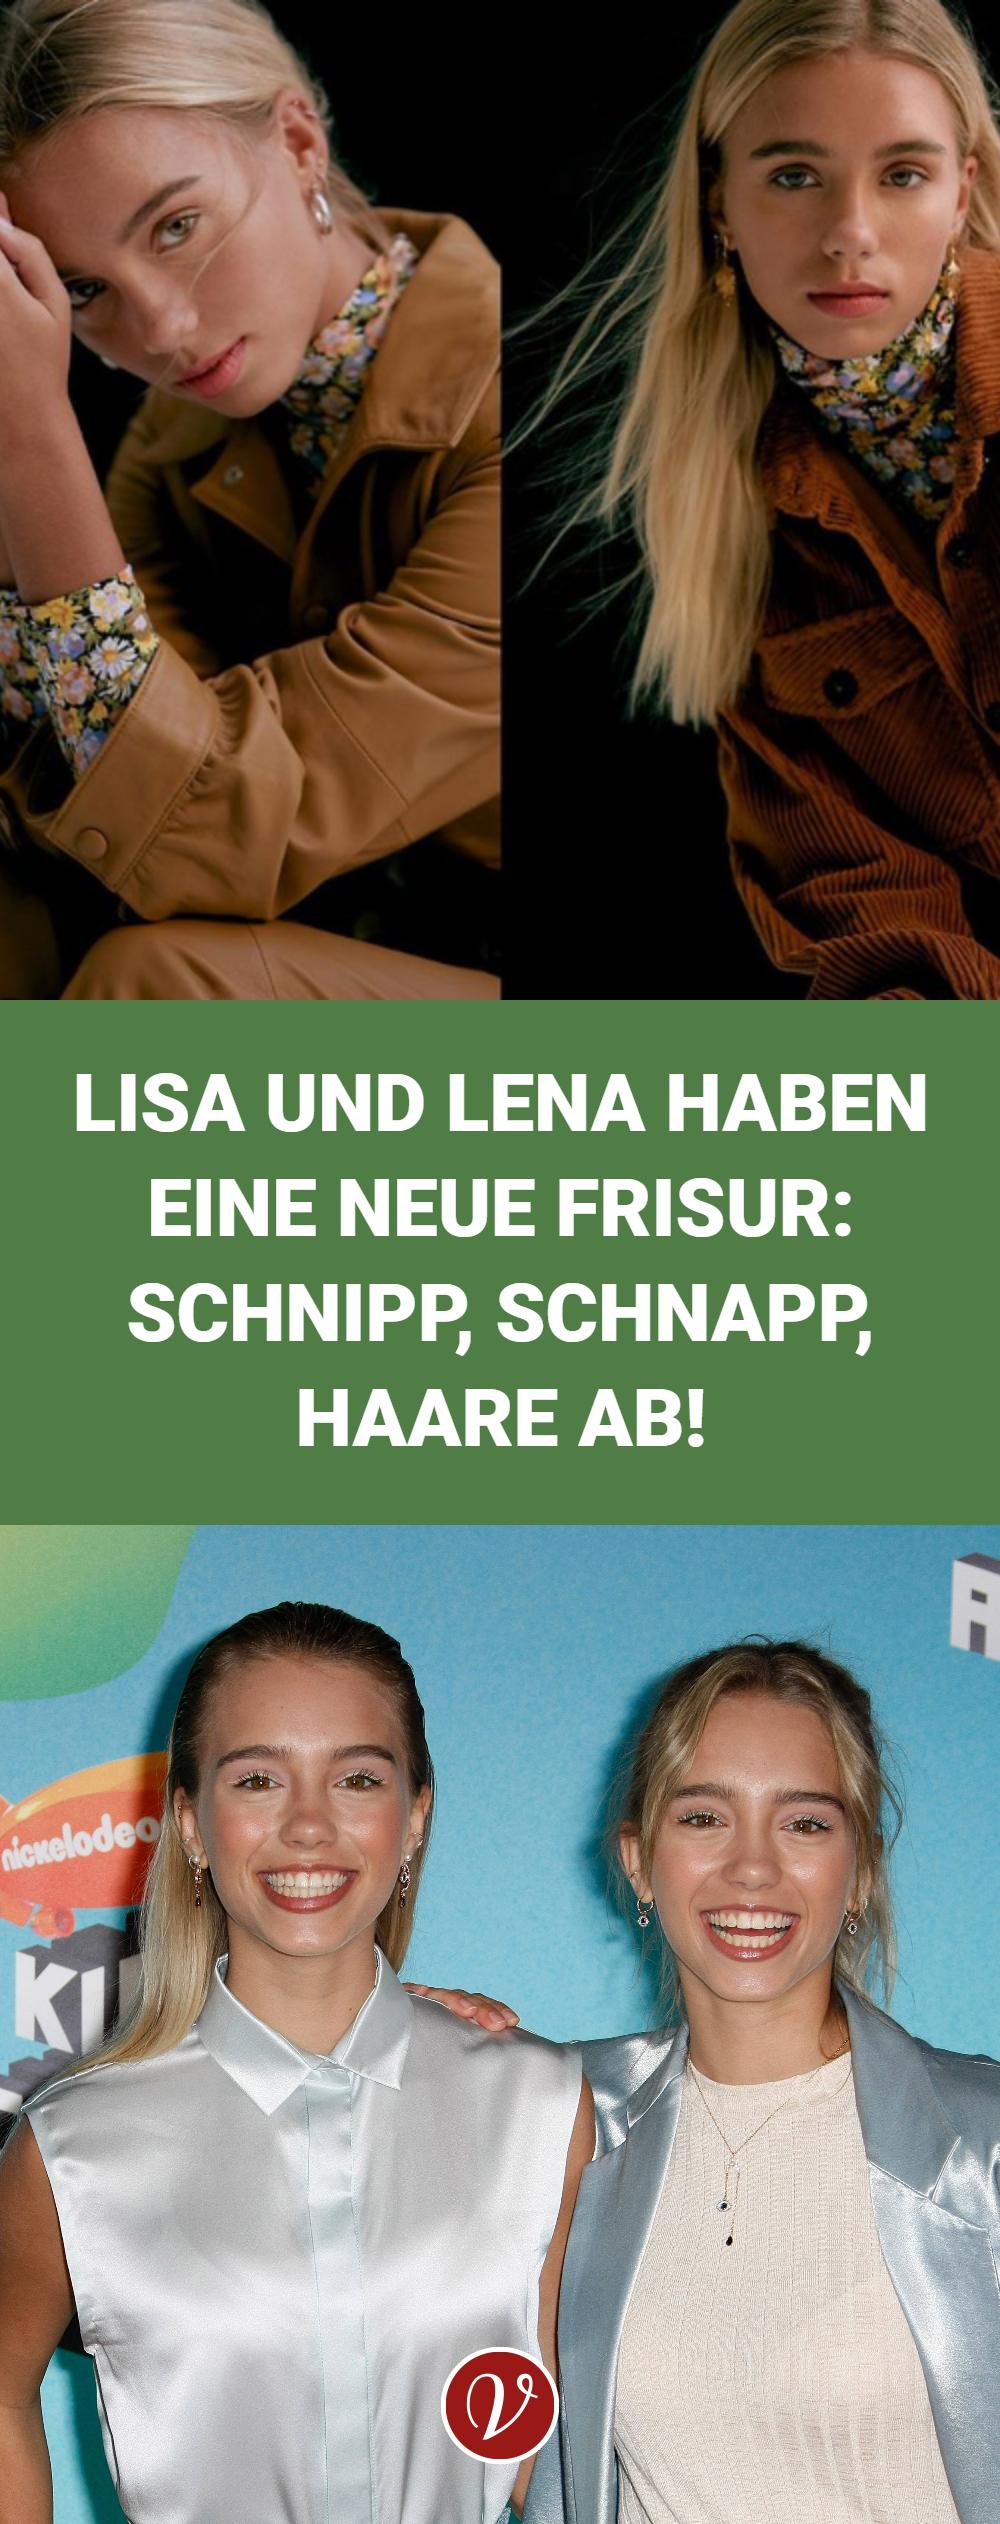 Lisa Und Lena Haben Eine Neue Frisur In 2020 Neue Frisuren Haare Ab Lisa